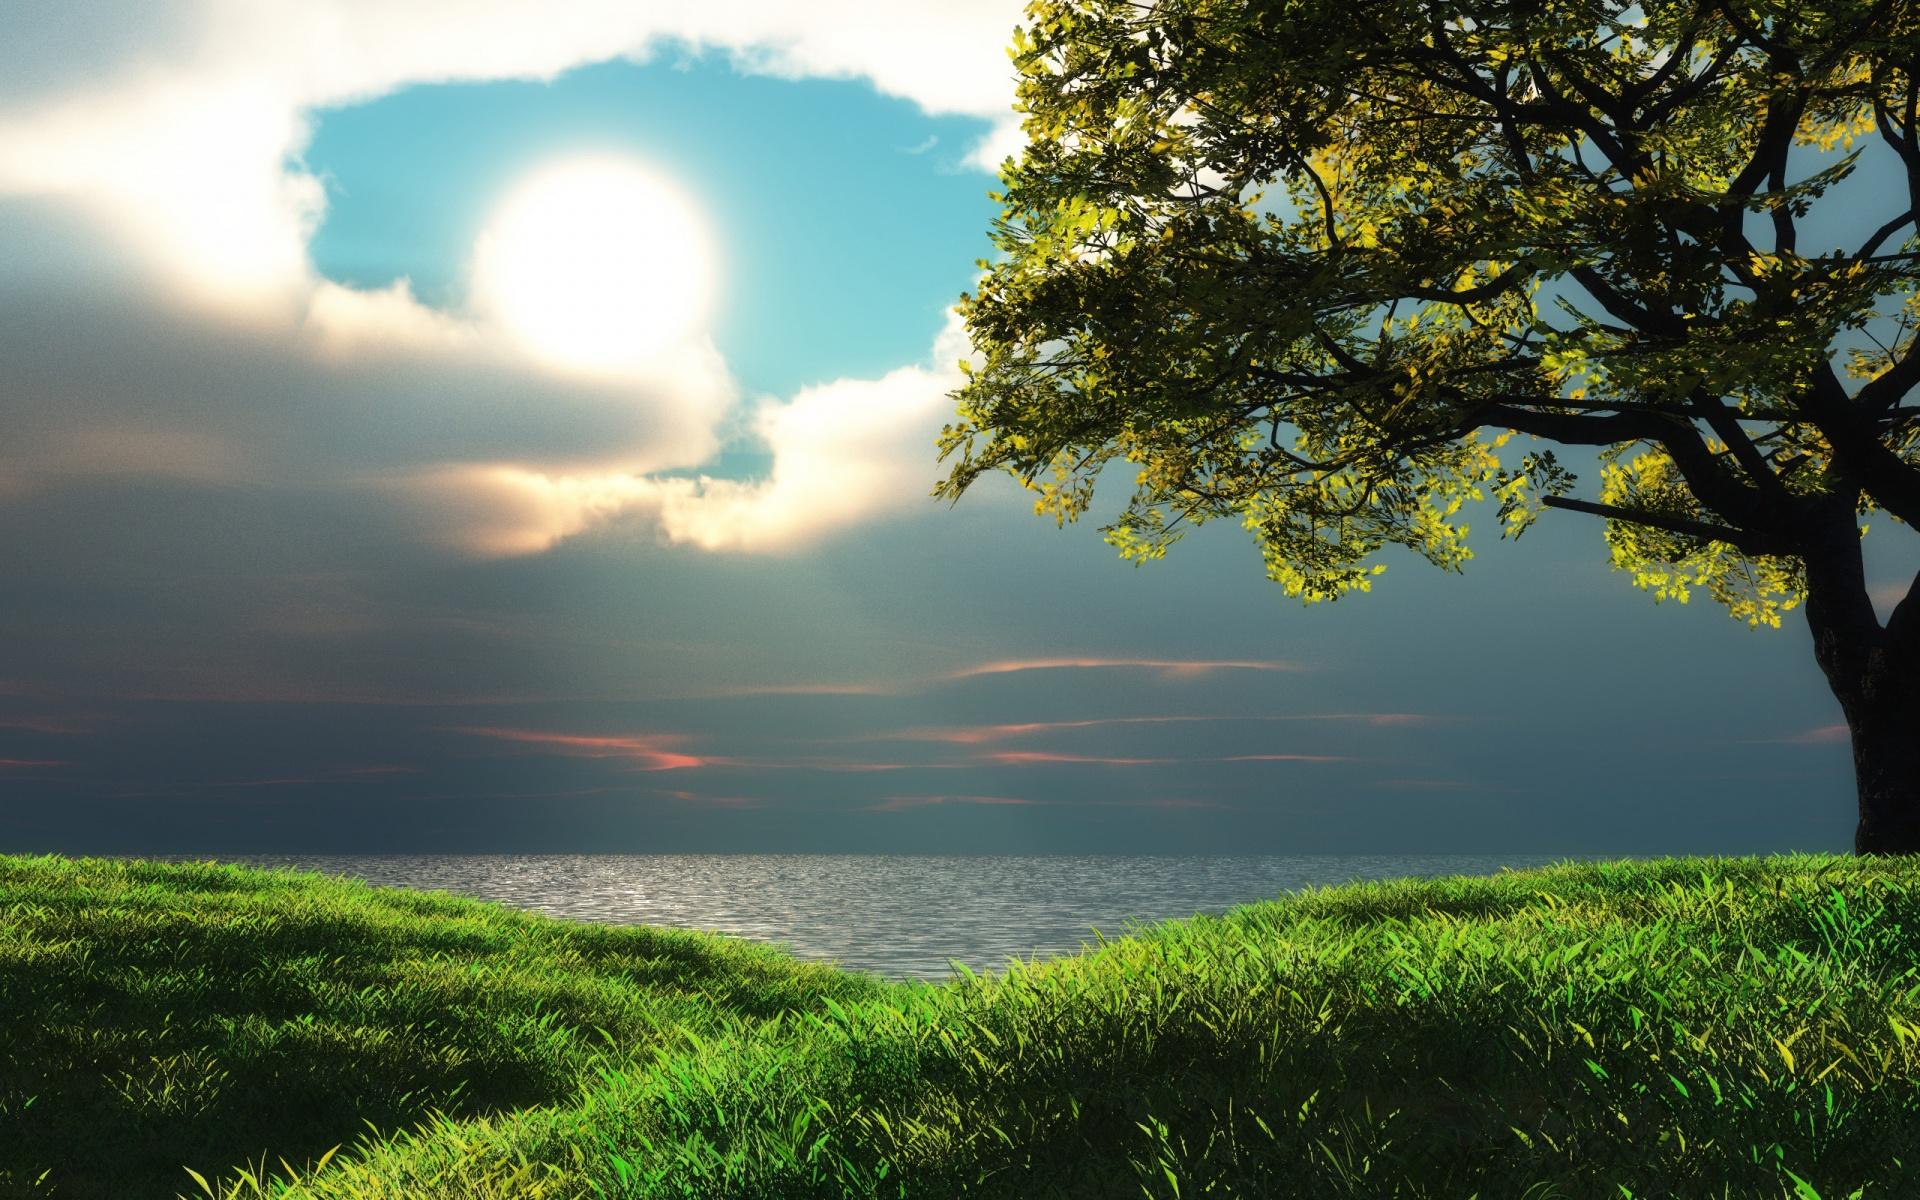 بالصور مناظر طبيعيه روعه , مناظر طبيعيه خلابه ورائعه